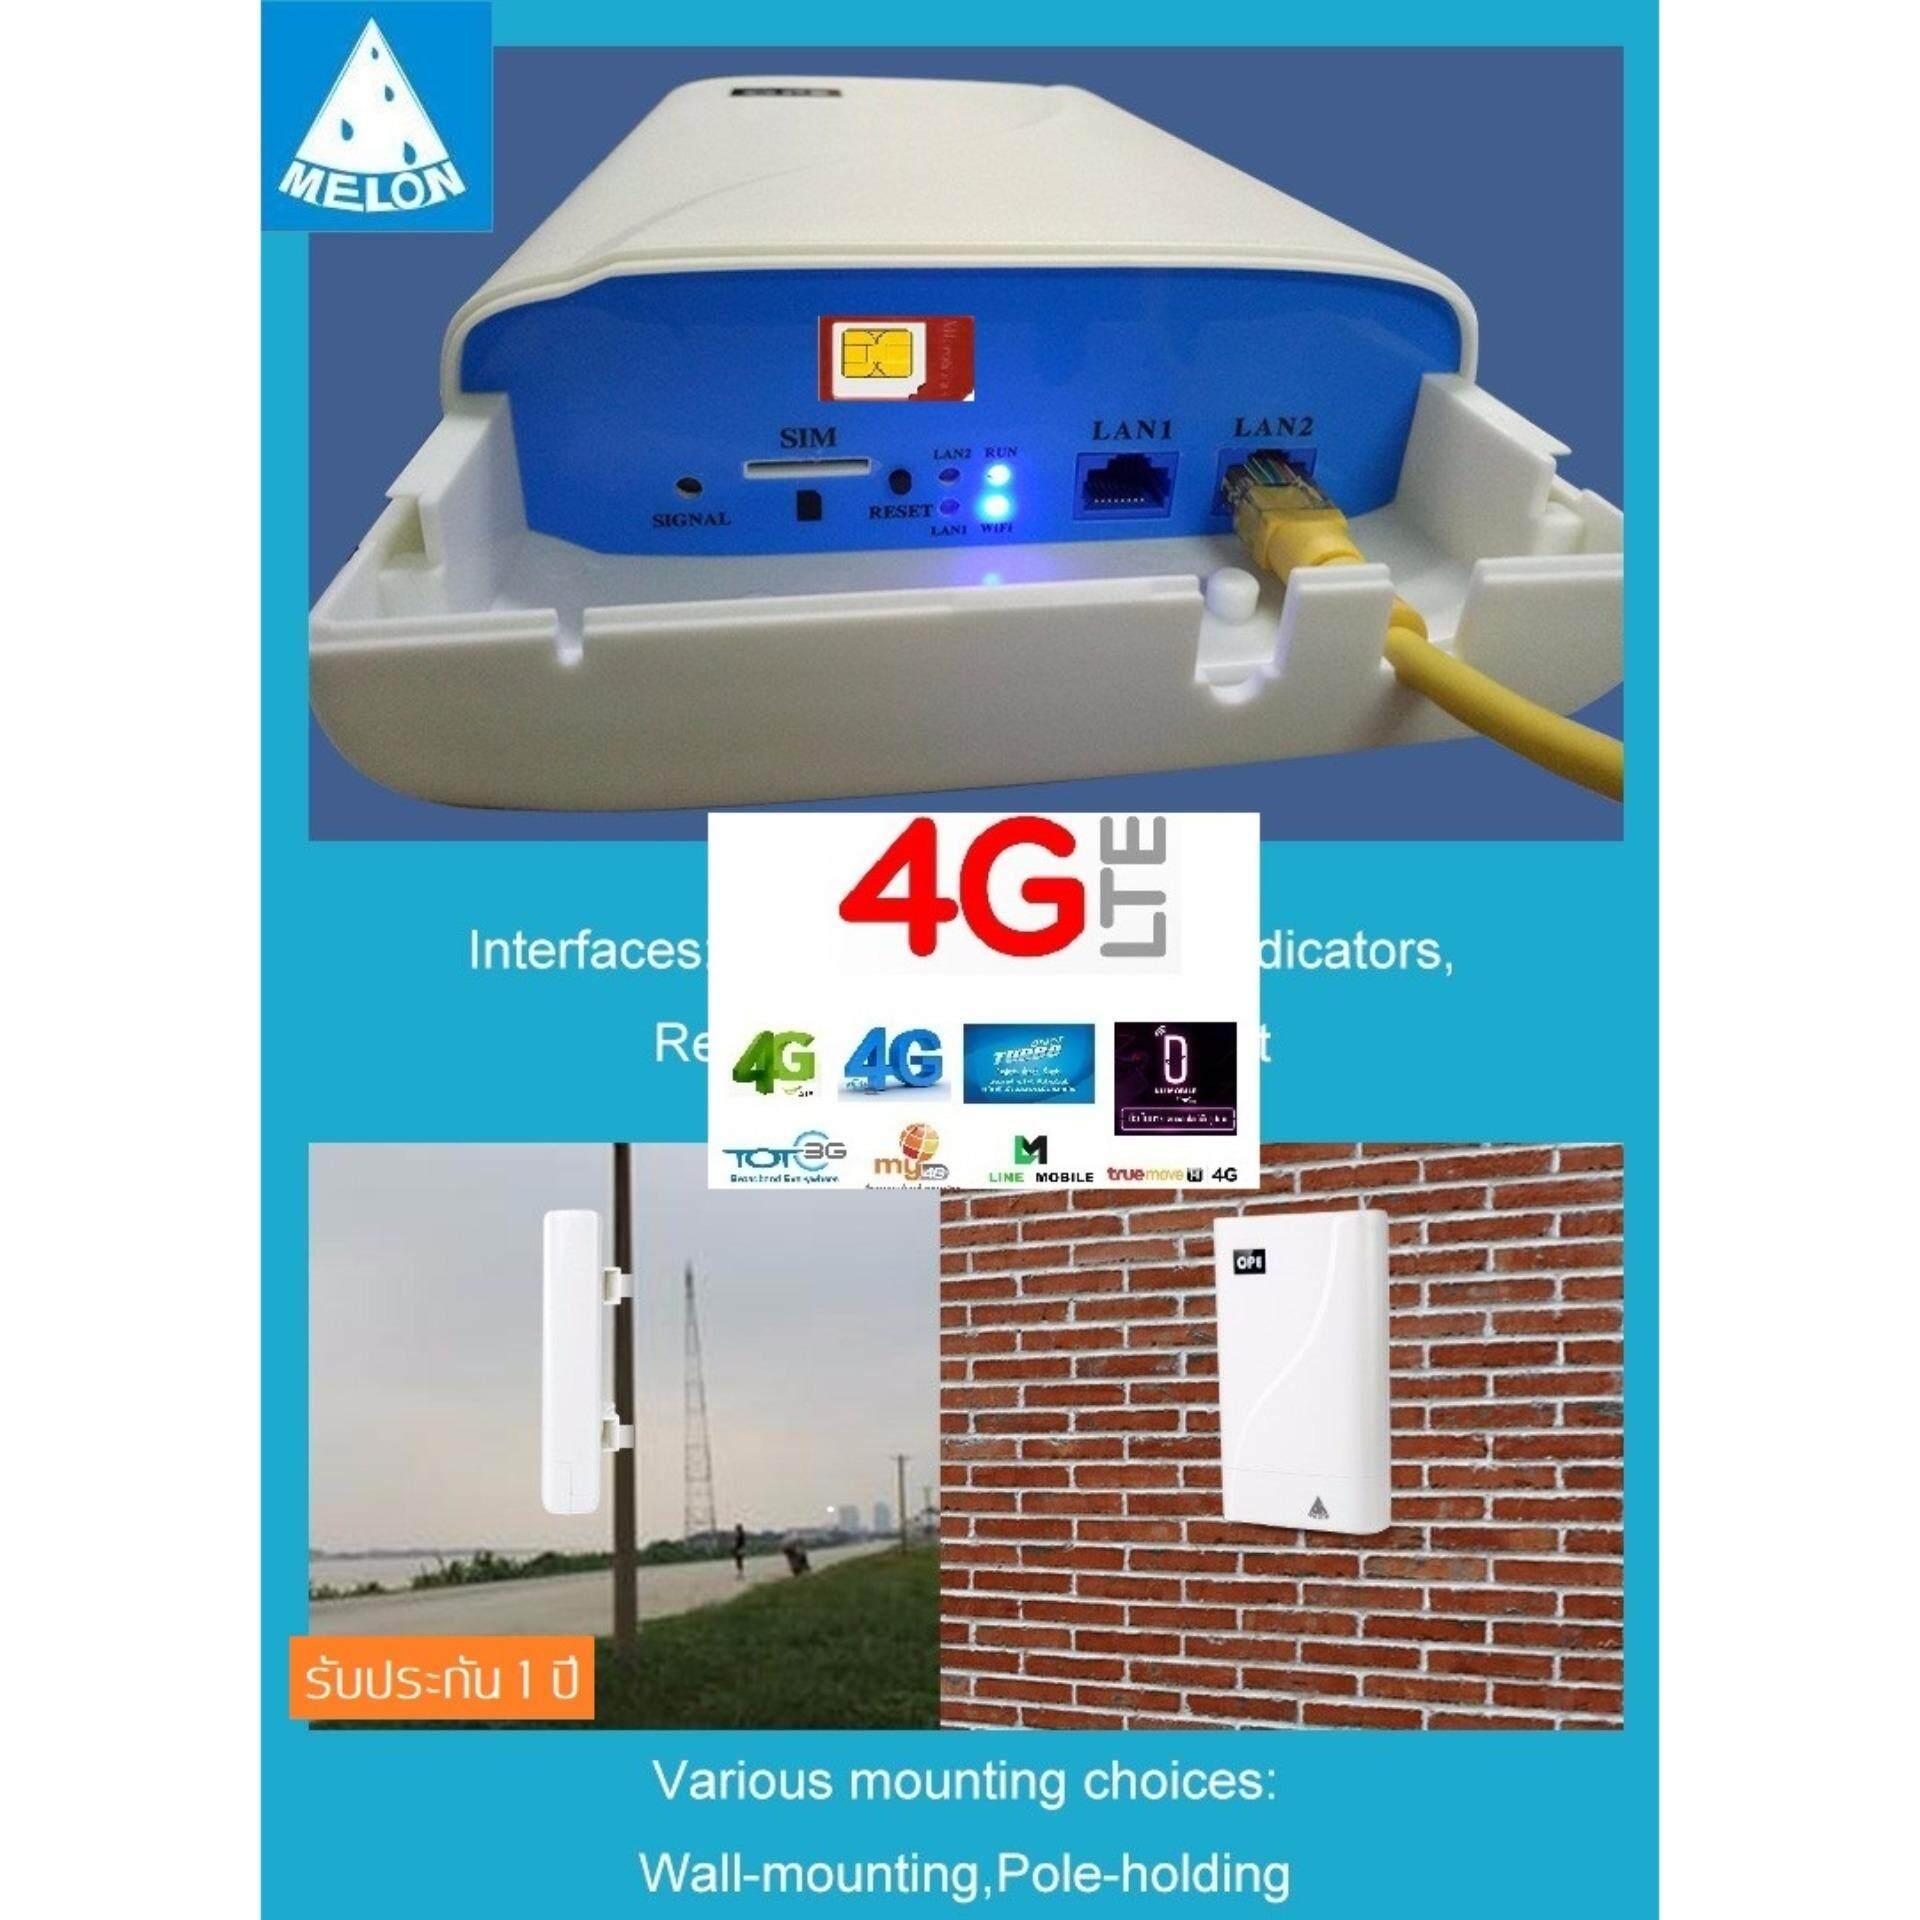 4g Cpe Wireless Router Outdoor เราเตอร์ ใส่ซิม ปล่อย Wifi รองรับ 3g,4g รองรับการใช้งาน Wifi ได้สูงสุด 32 User.